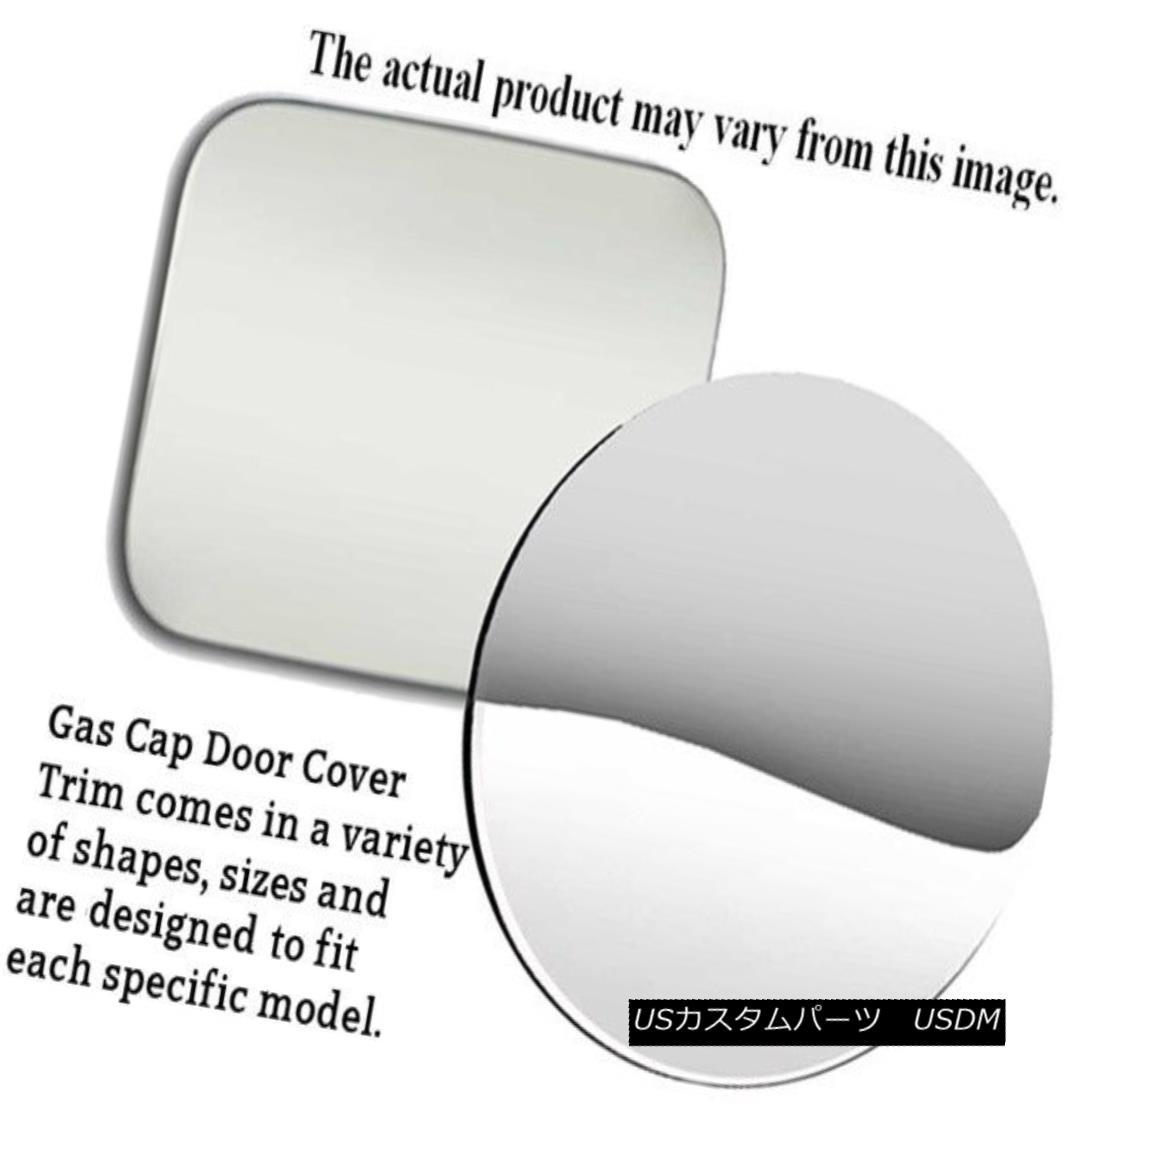 グリル Fits 1993-1997 NISSAN ALTIMA 4-door -Stainless Steel GAS CAP DOOR 適合1993-1997日産アルティマ4ドア - ステンレススチールガスCAP DOOR